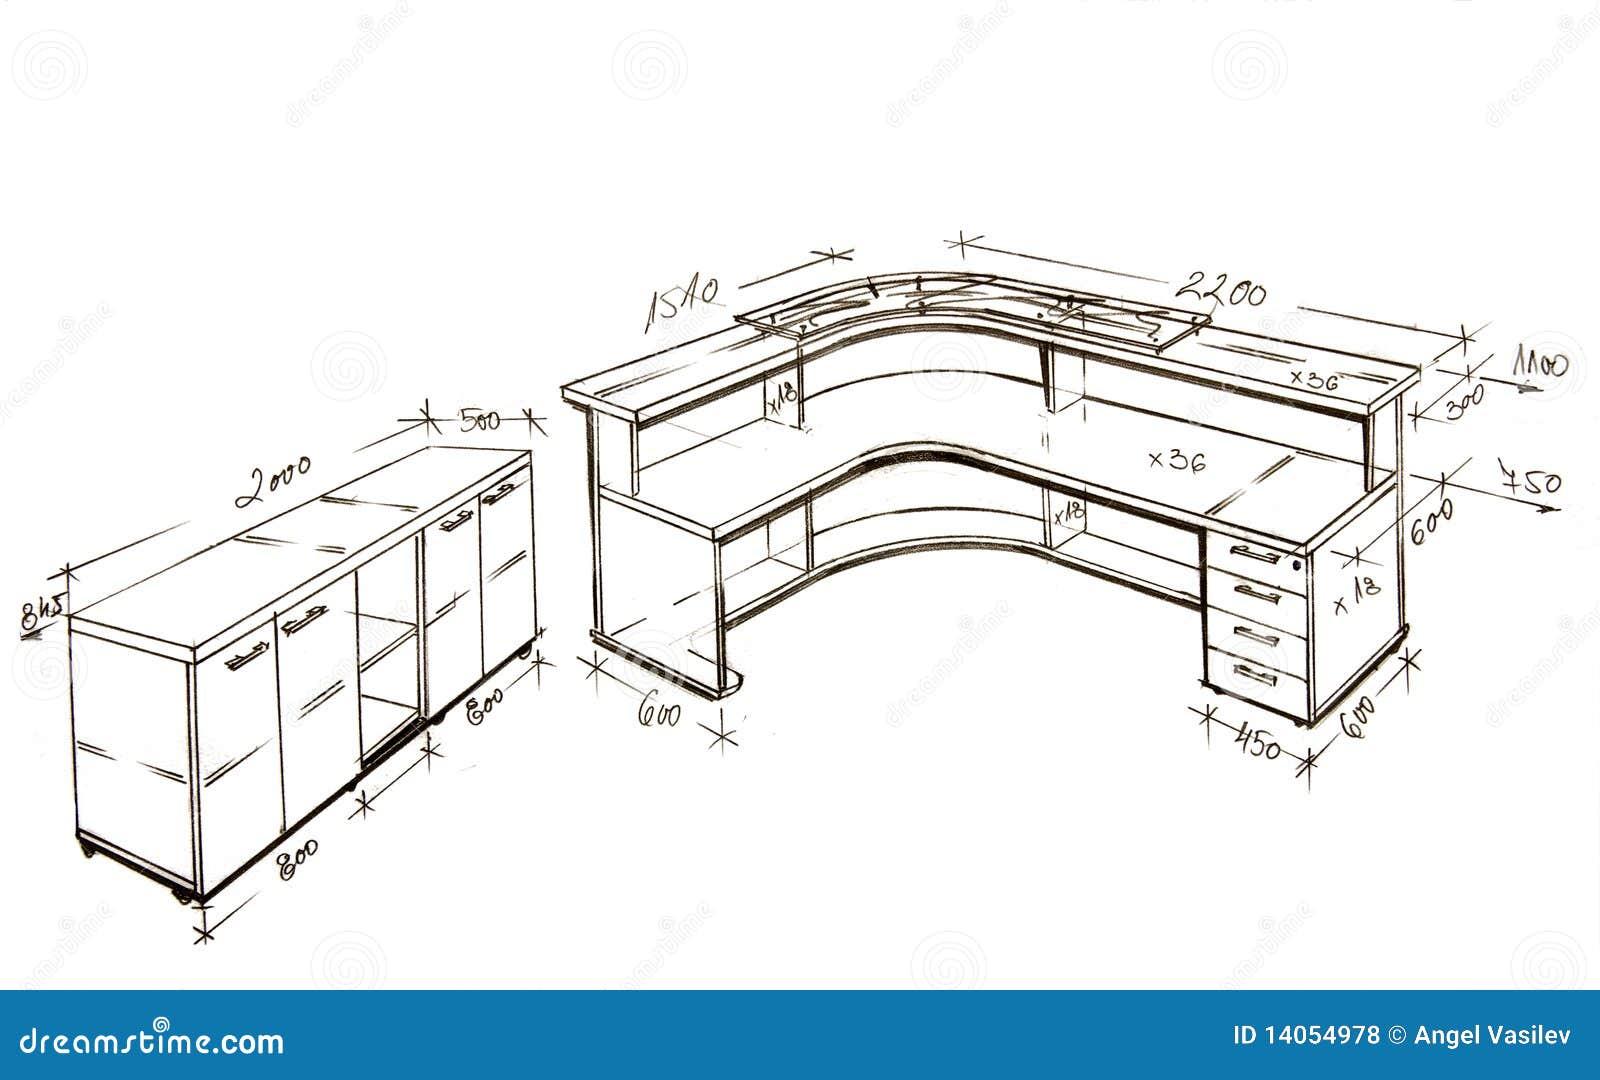 Retrait de dessin à main levée moderne de conception intérieure.